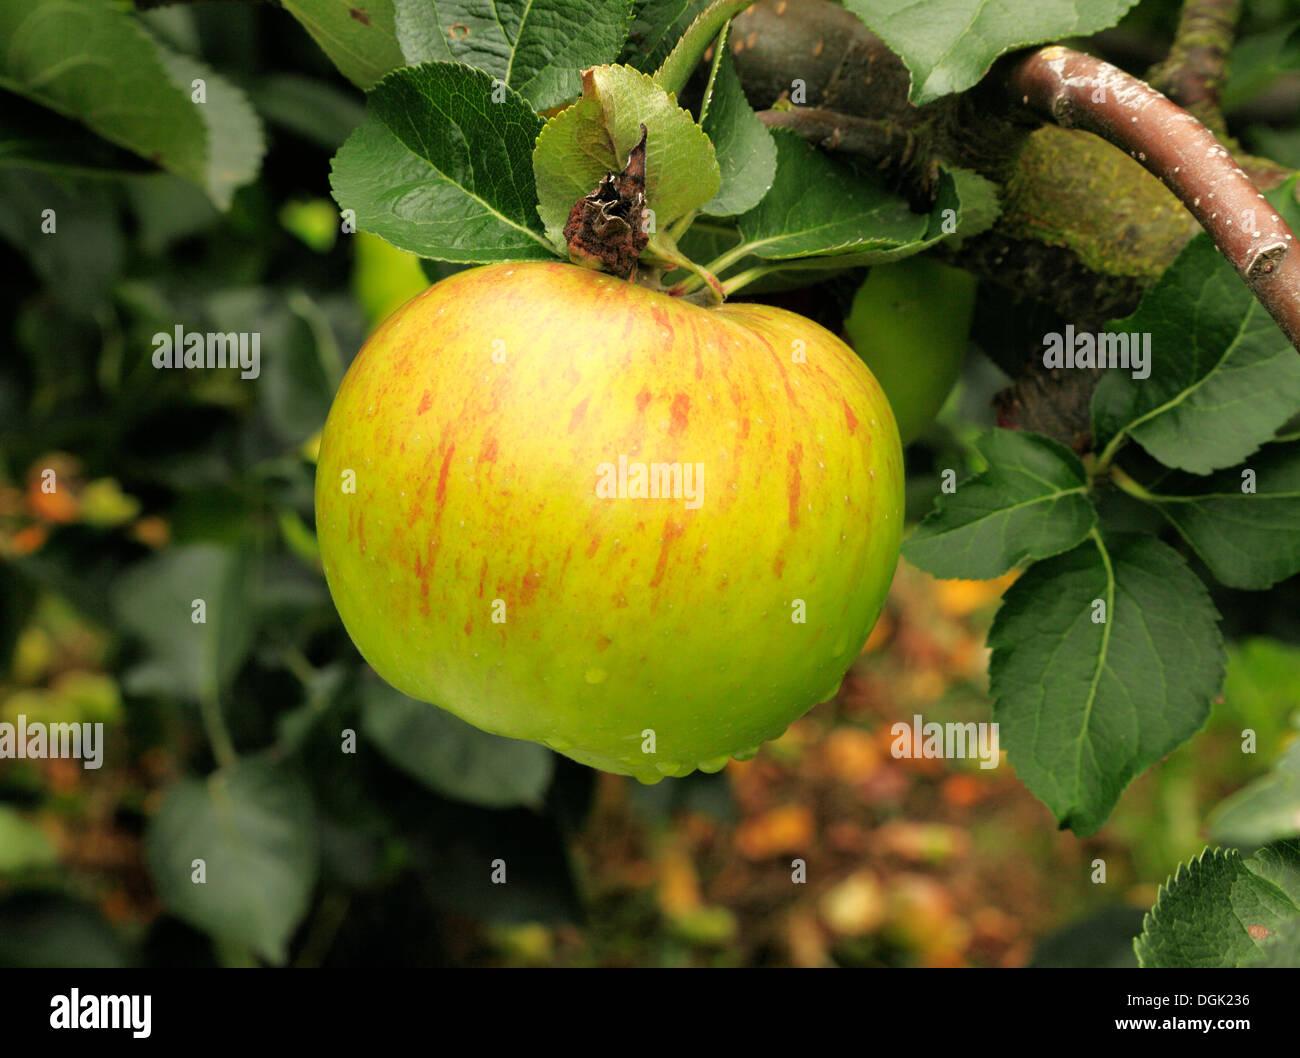 Apple 'Bramley's Seedling', syn. 'Bramley', malus domestica apples variety varieties growing on tree - Stock Image